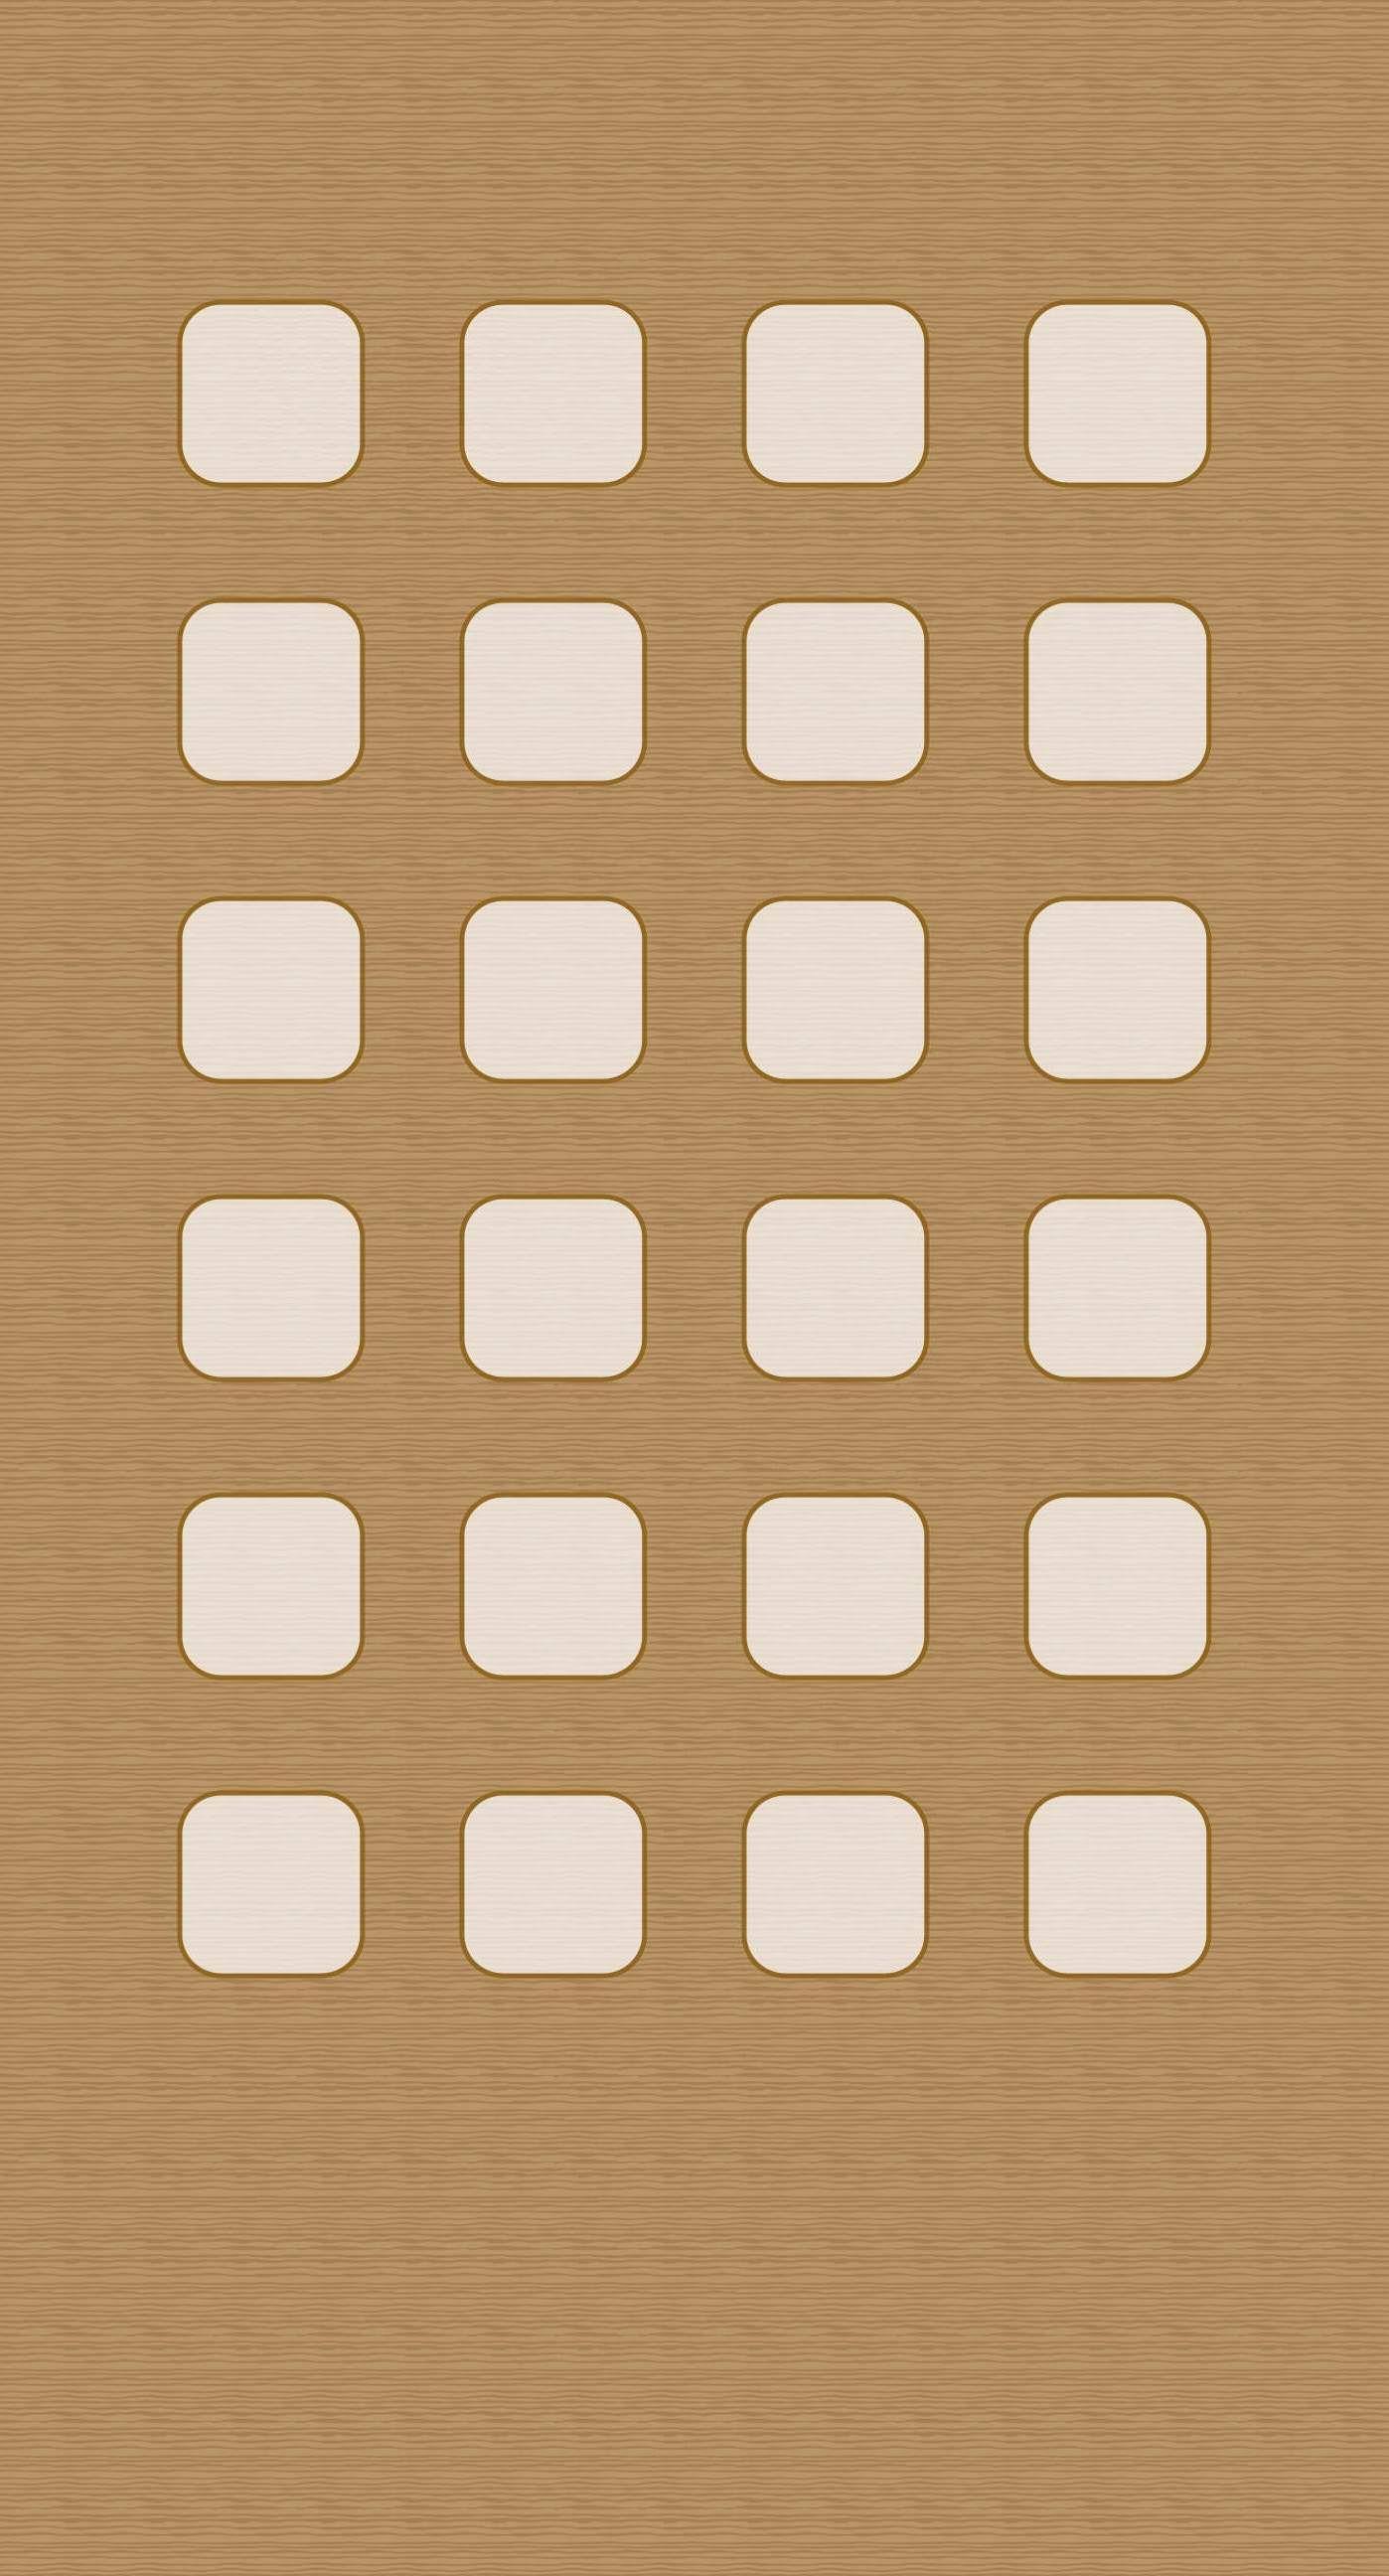 Iphone 7 Plus 壁紙 Iphone7plus 壁紙 Iphone 用壁紙 Iphone6 壁紙